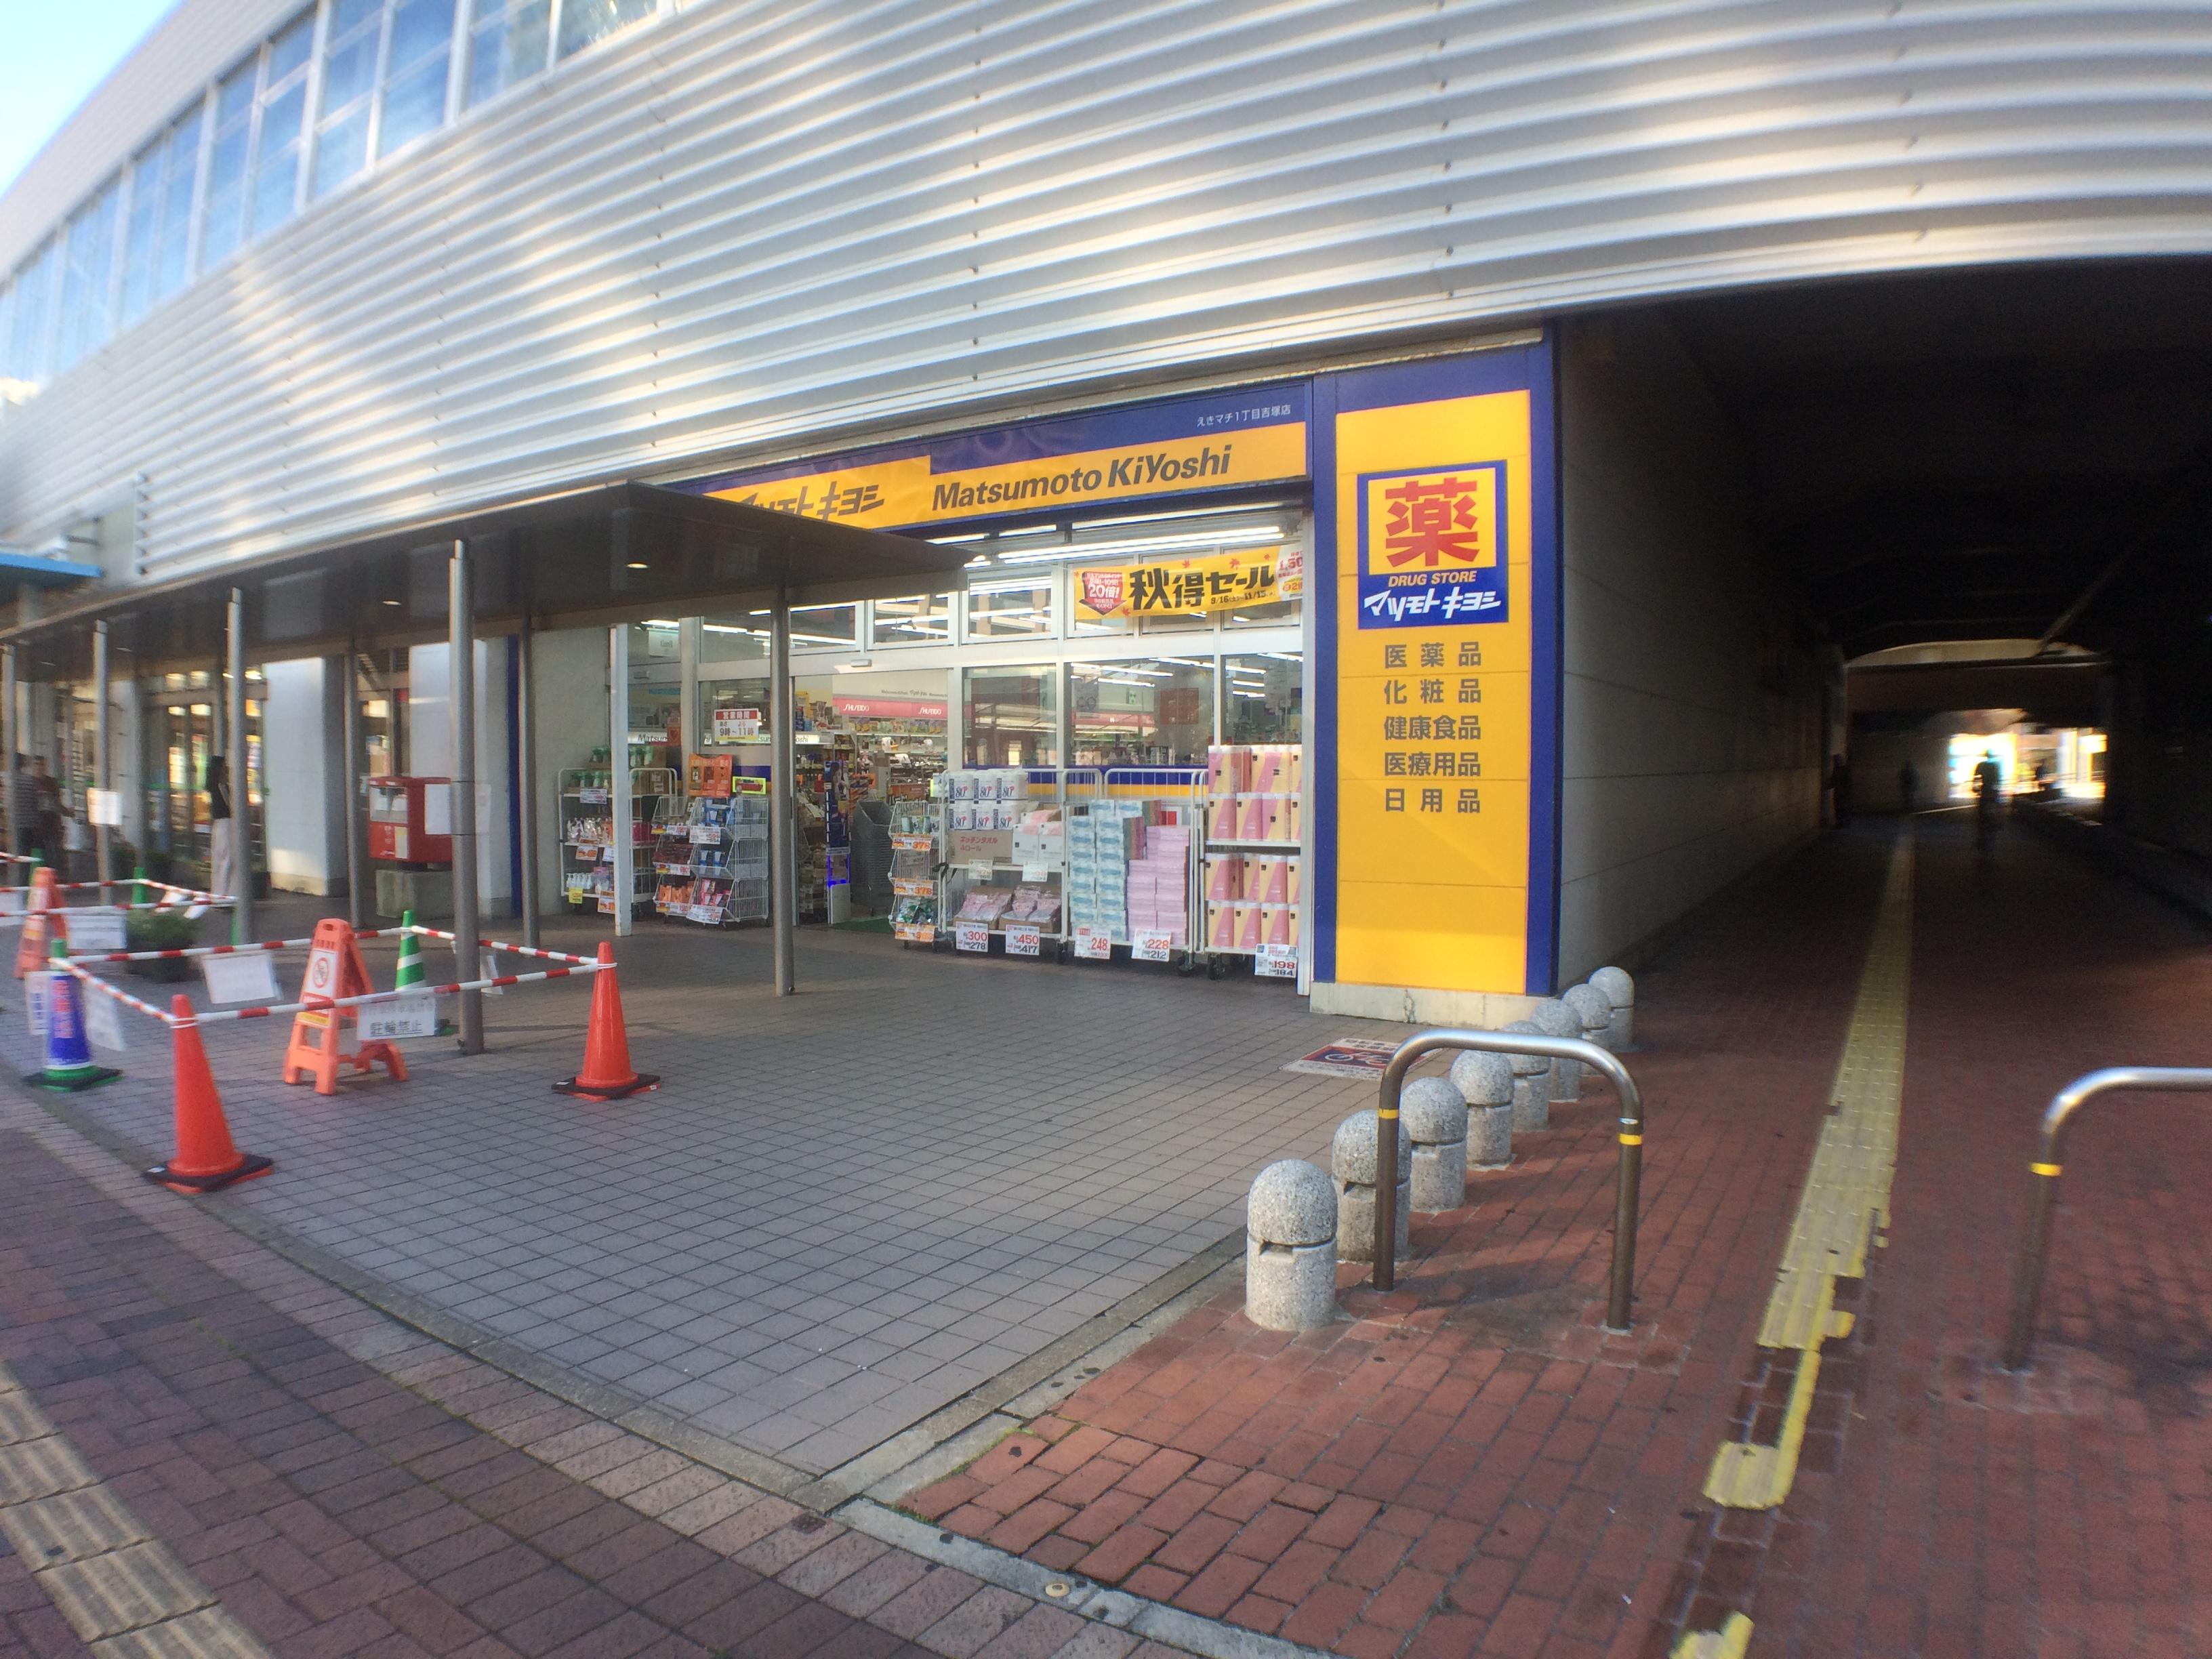 ドラッグストア:薬マツモトキヨシ えきマチ1丁目吉塚駅店 417m